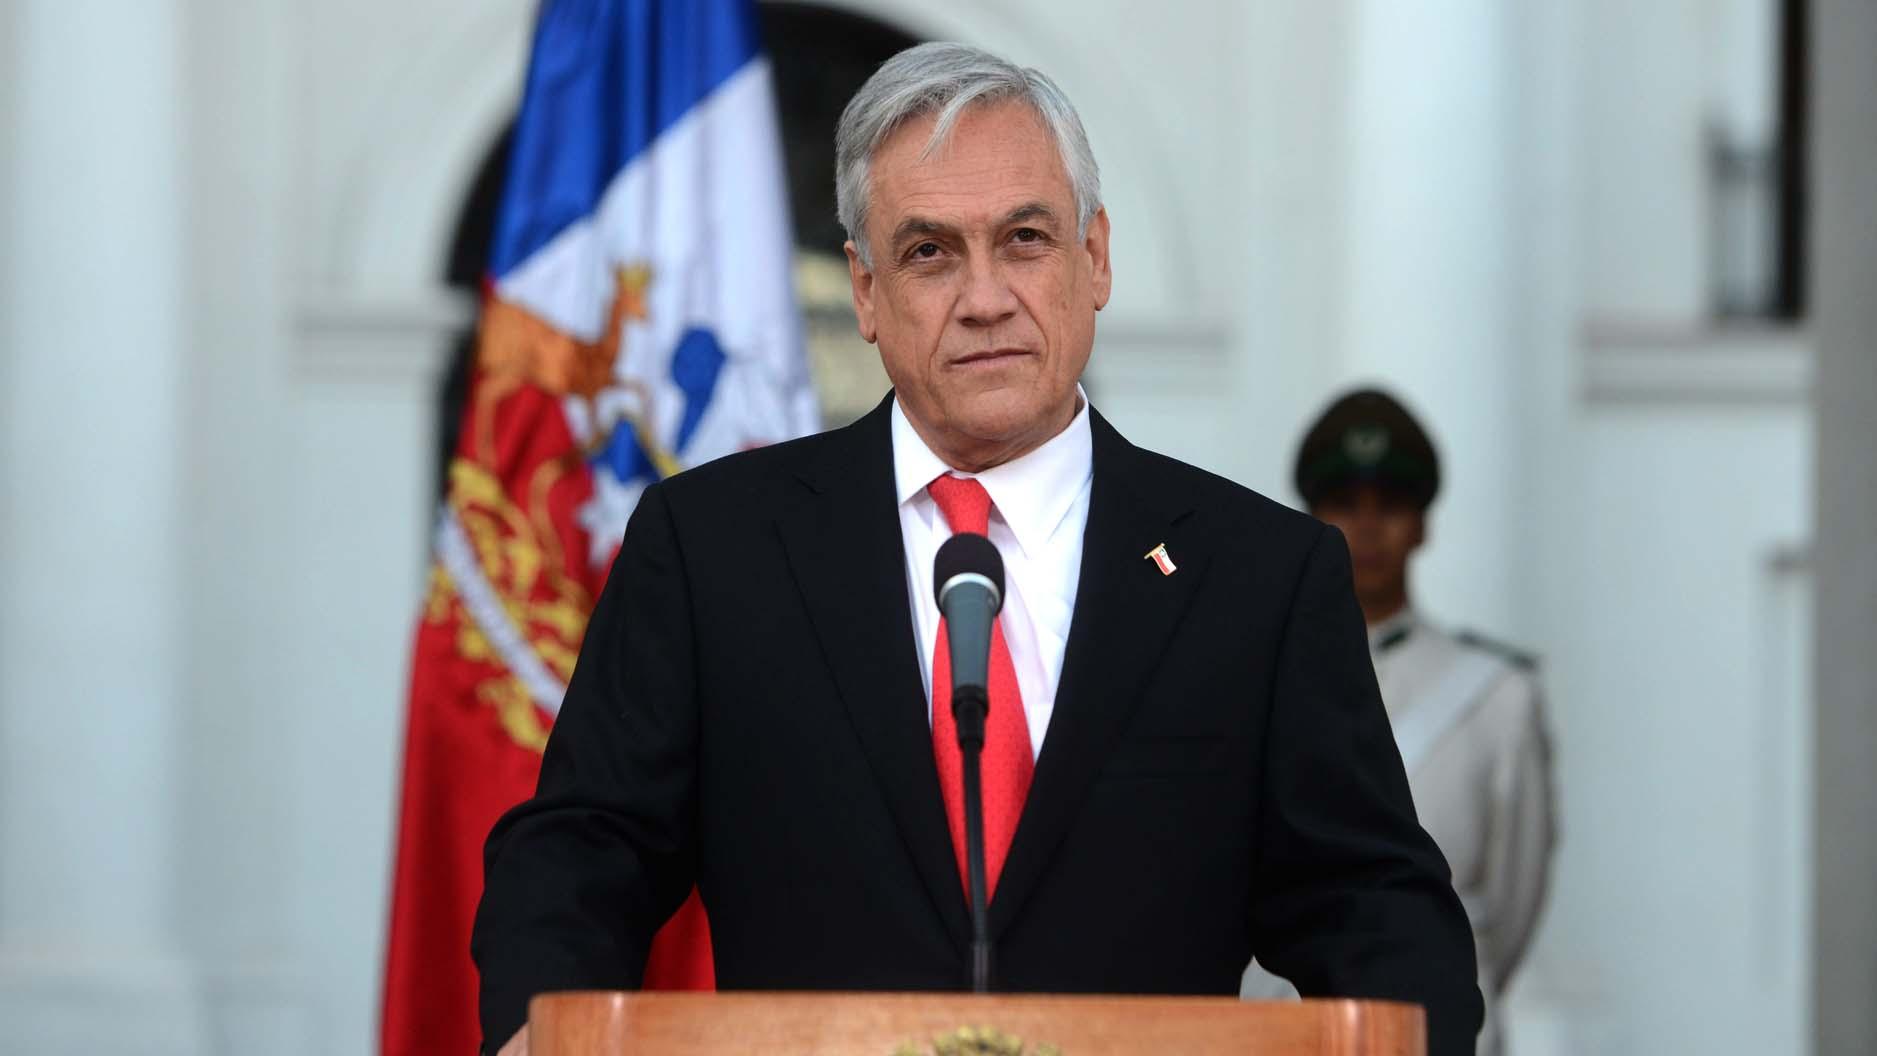 El mandatario chileno publicó una carta dirigida a Luis Almagro para lograr una soluciona a la crsisi venezolana